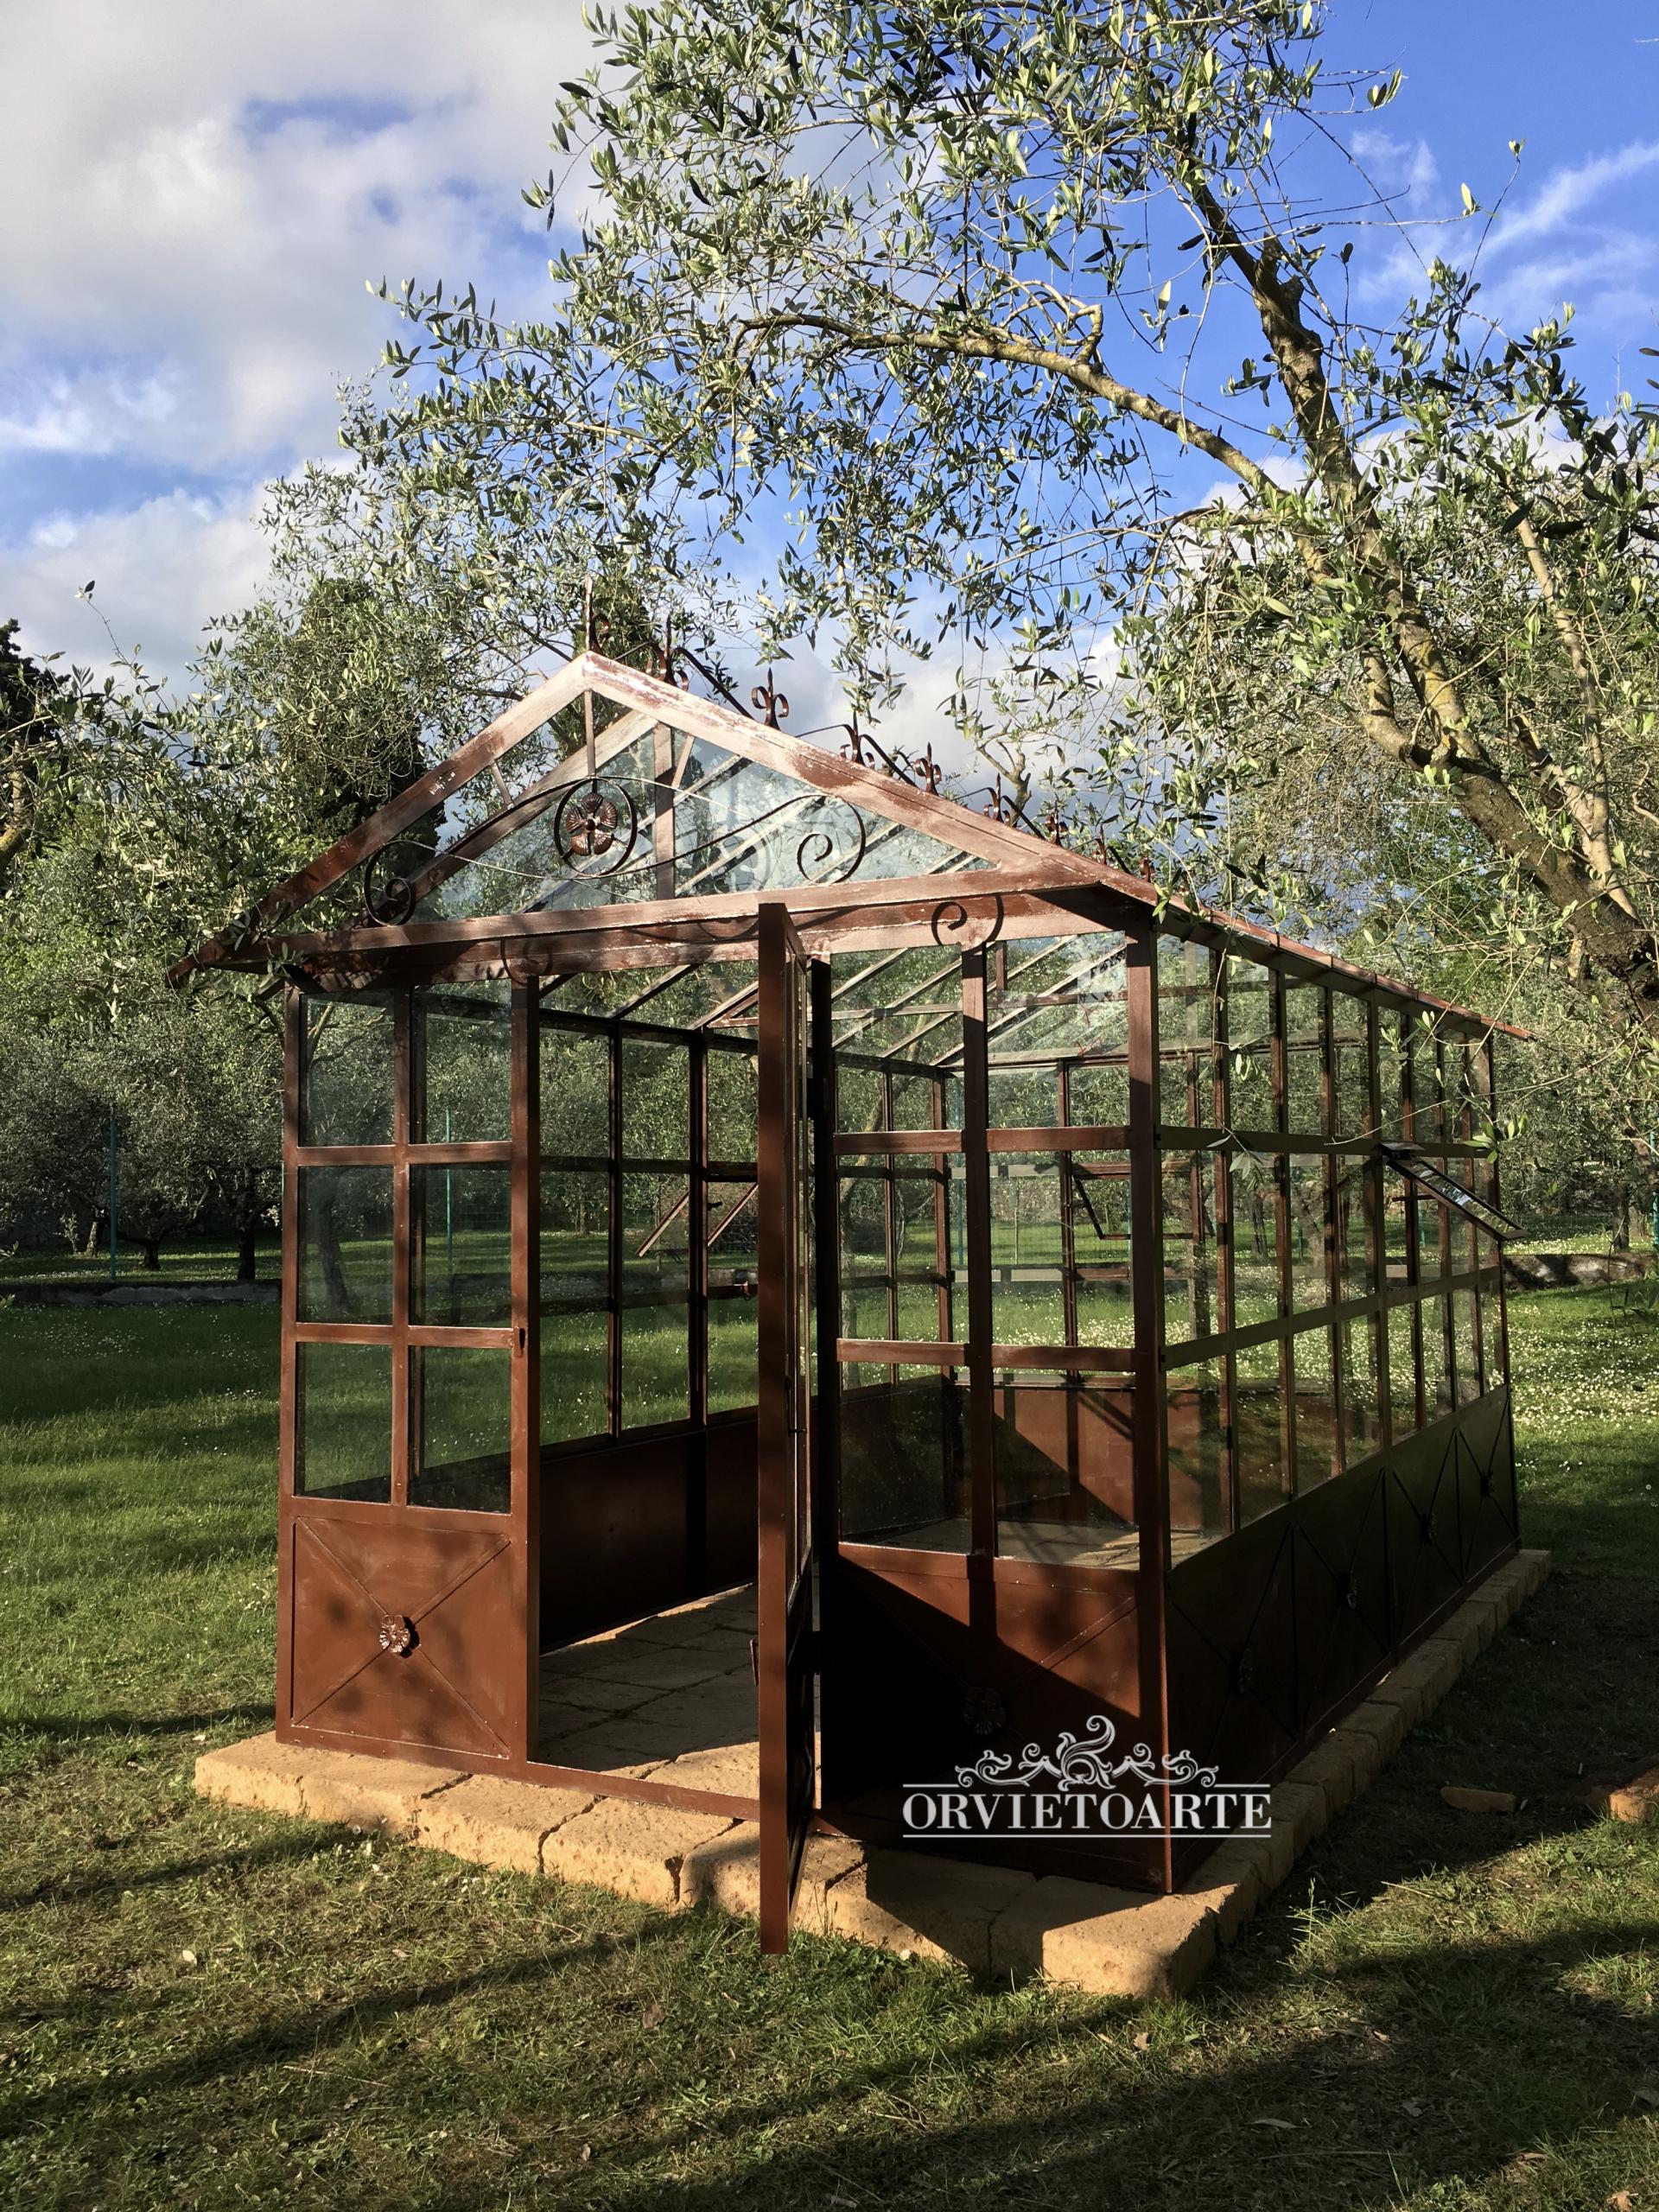 Serra dehor orangerie giardino d'inverno limonaia vetro ferro